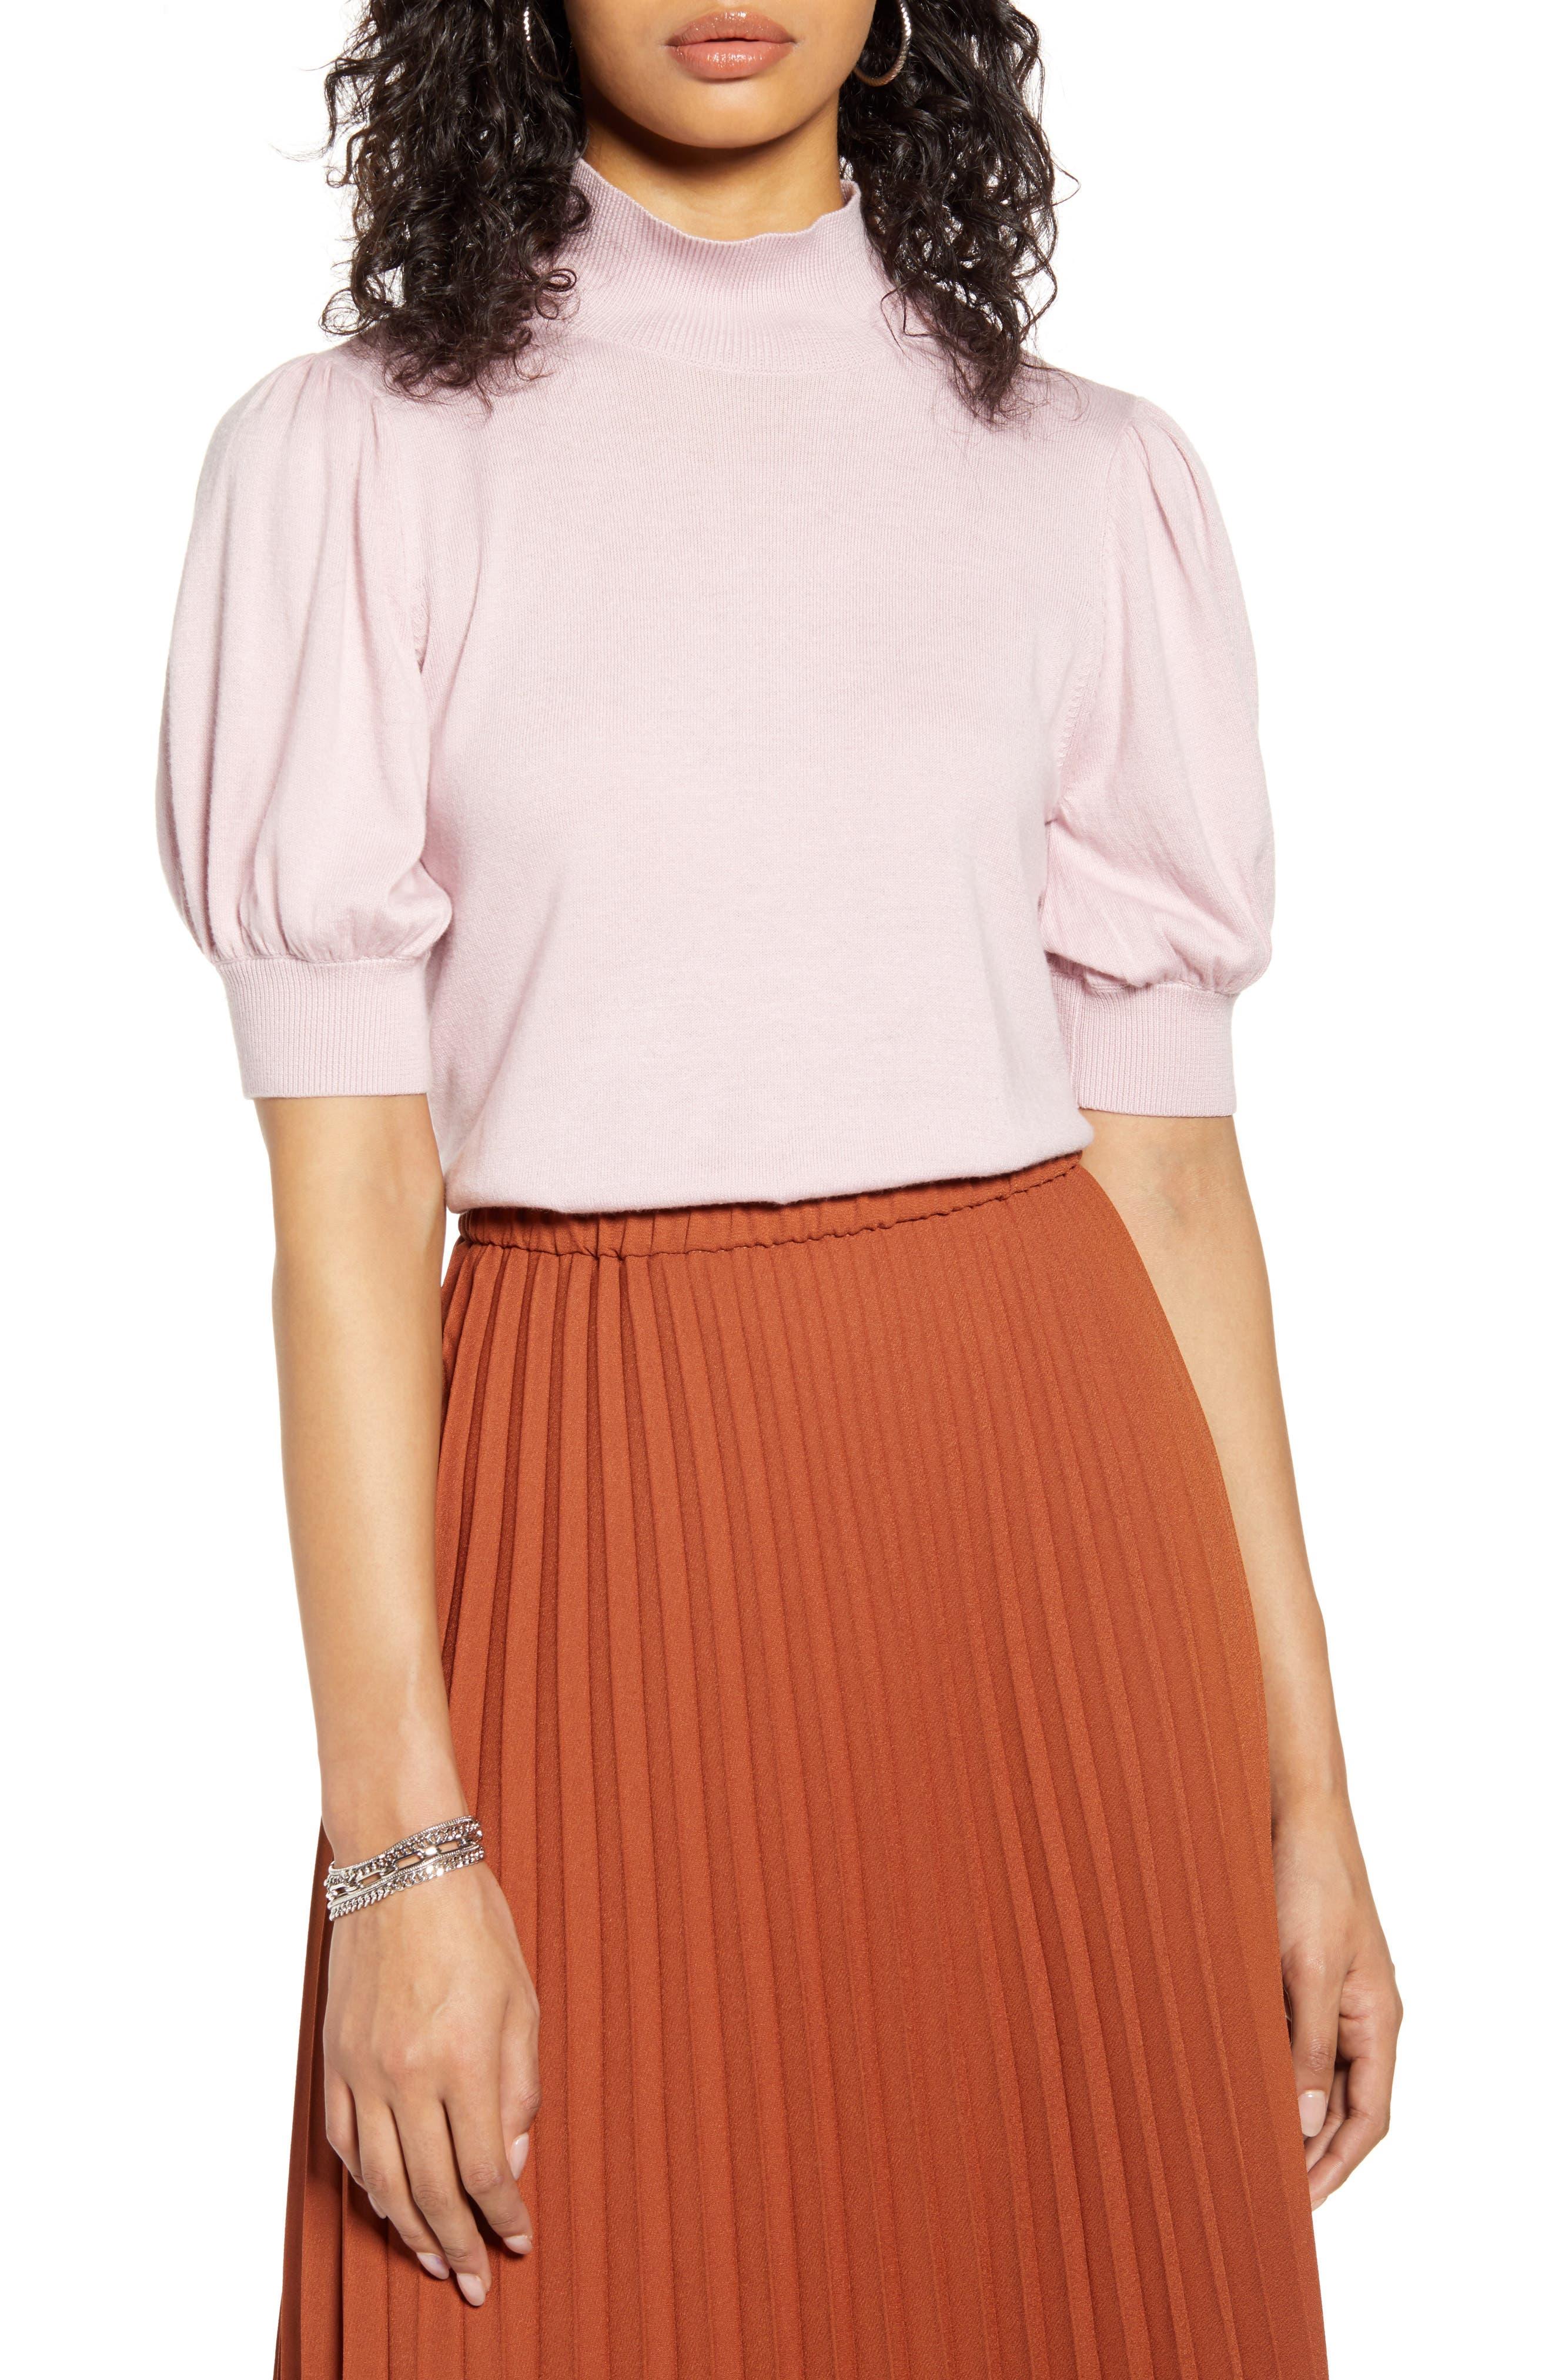 Vintage Tops & Retro Shirts, Halter Tops, Blouses Womens Halogen Mock Neck Puff Shoulder Sweater Size X-Large - Purple $41.40 AT vintagedancer.com